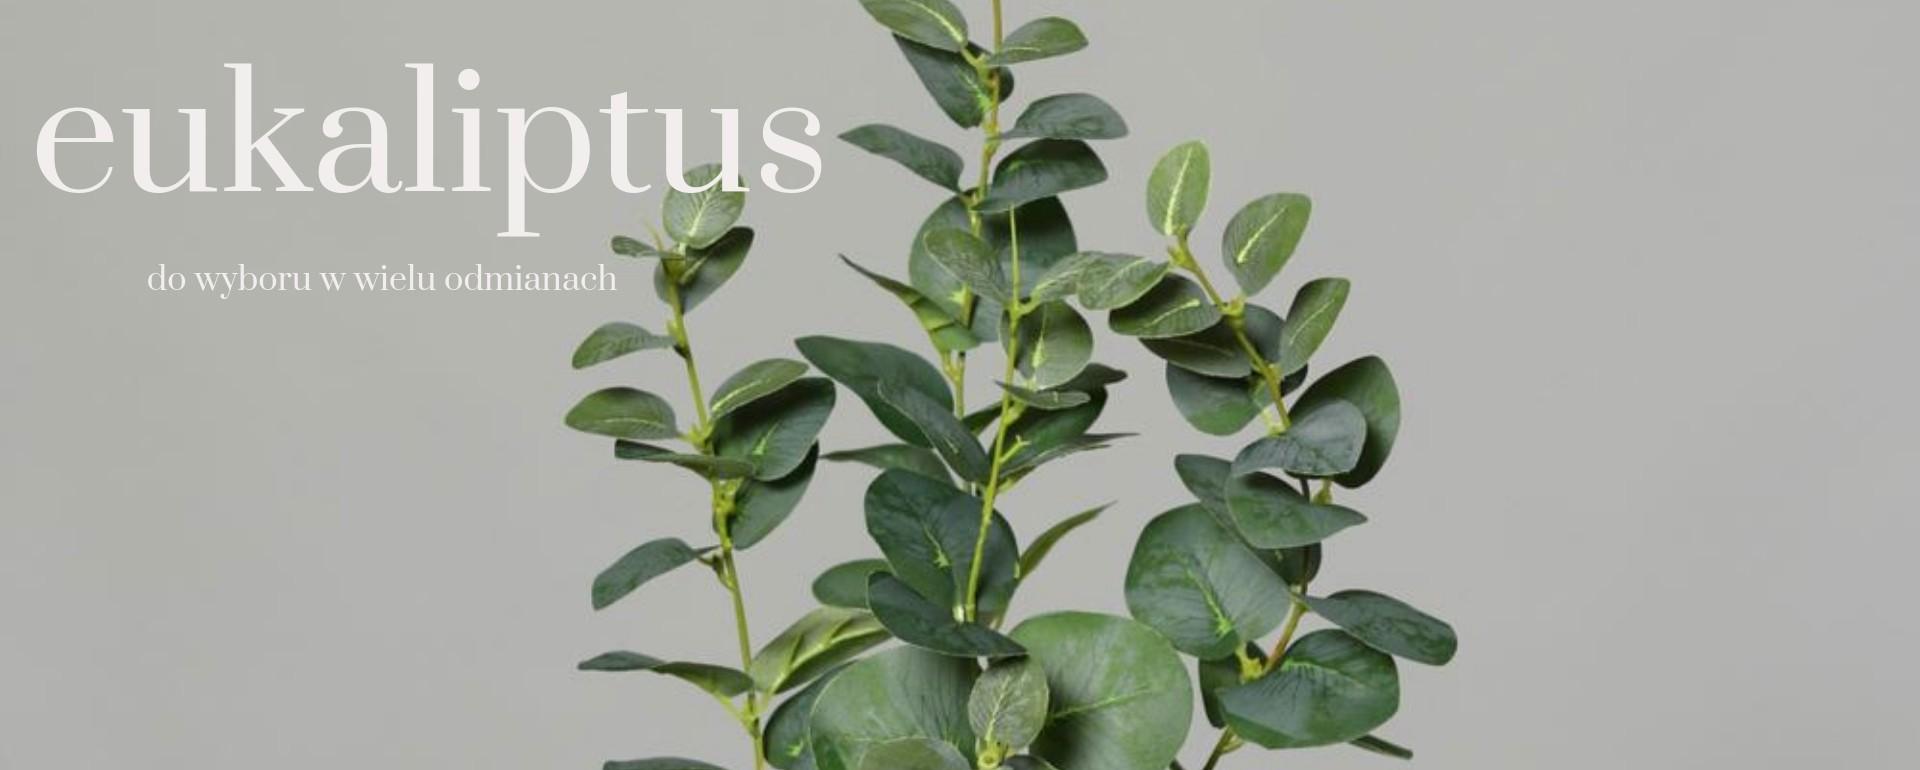 sztuczny eukaliptus duży wybór